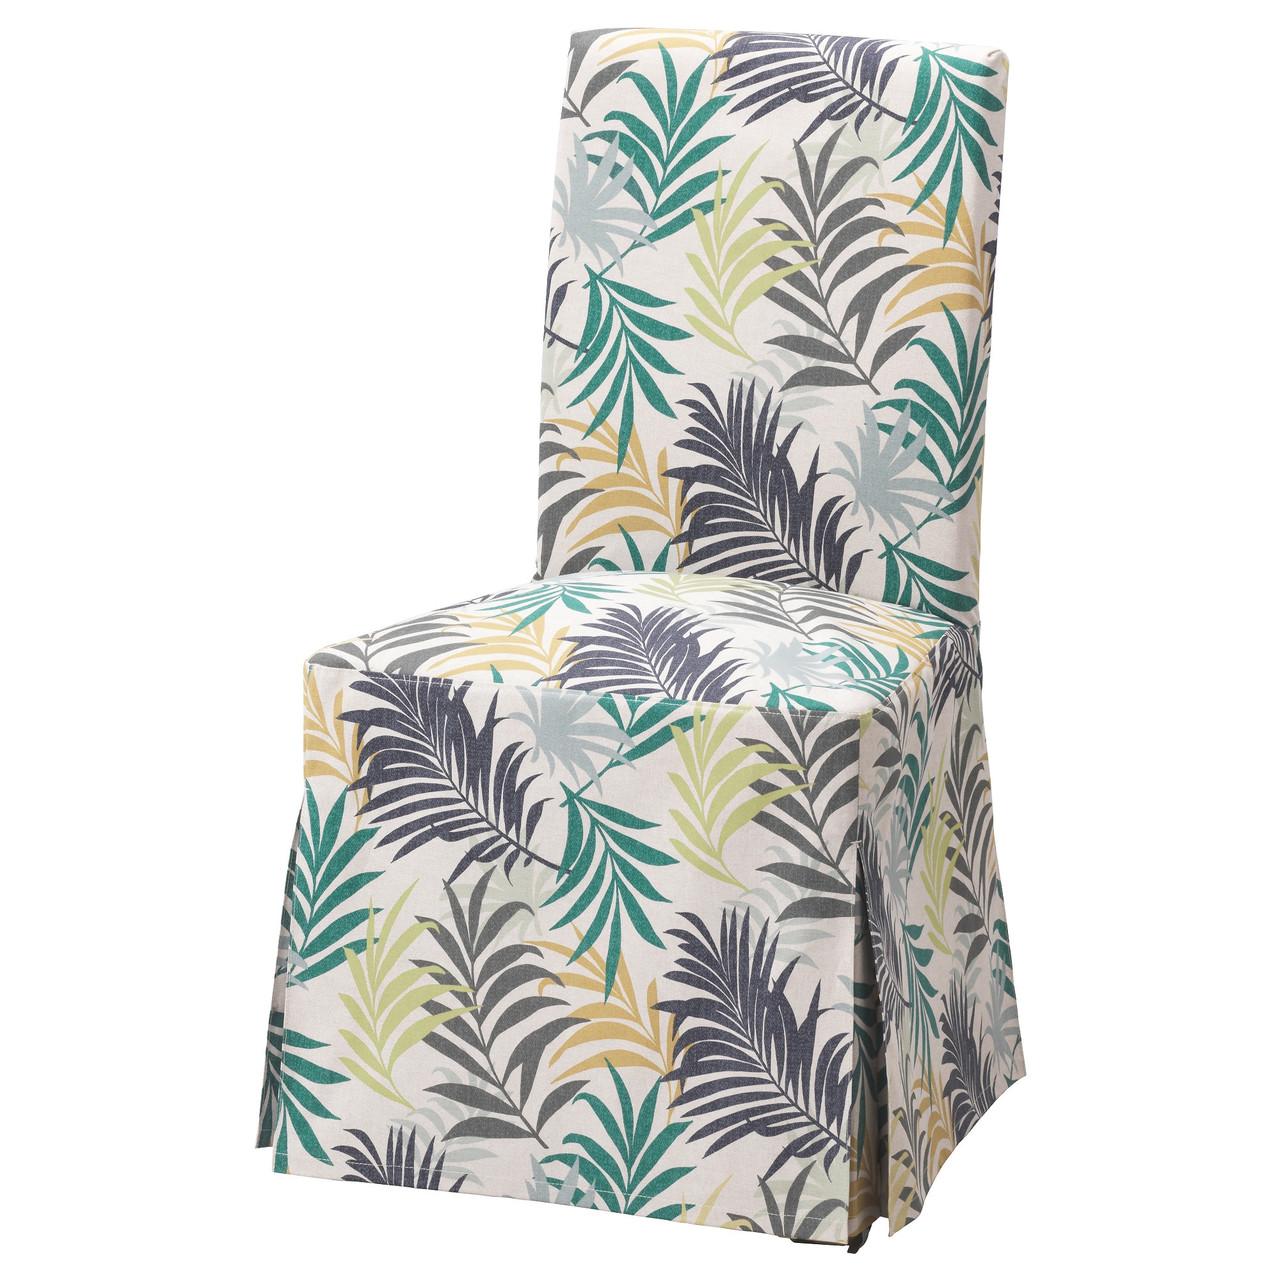 Кресло кухонное IKEA HENRIKSDAL Gillhov береза разноцветное 592.463.35